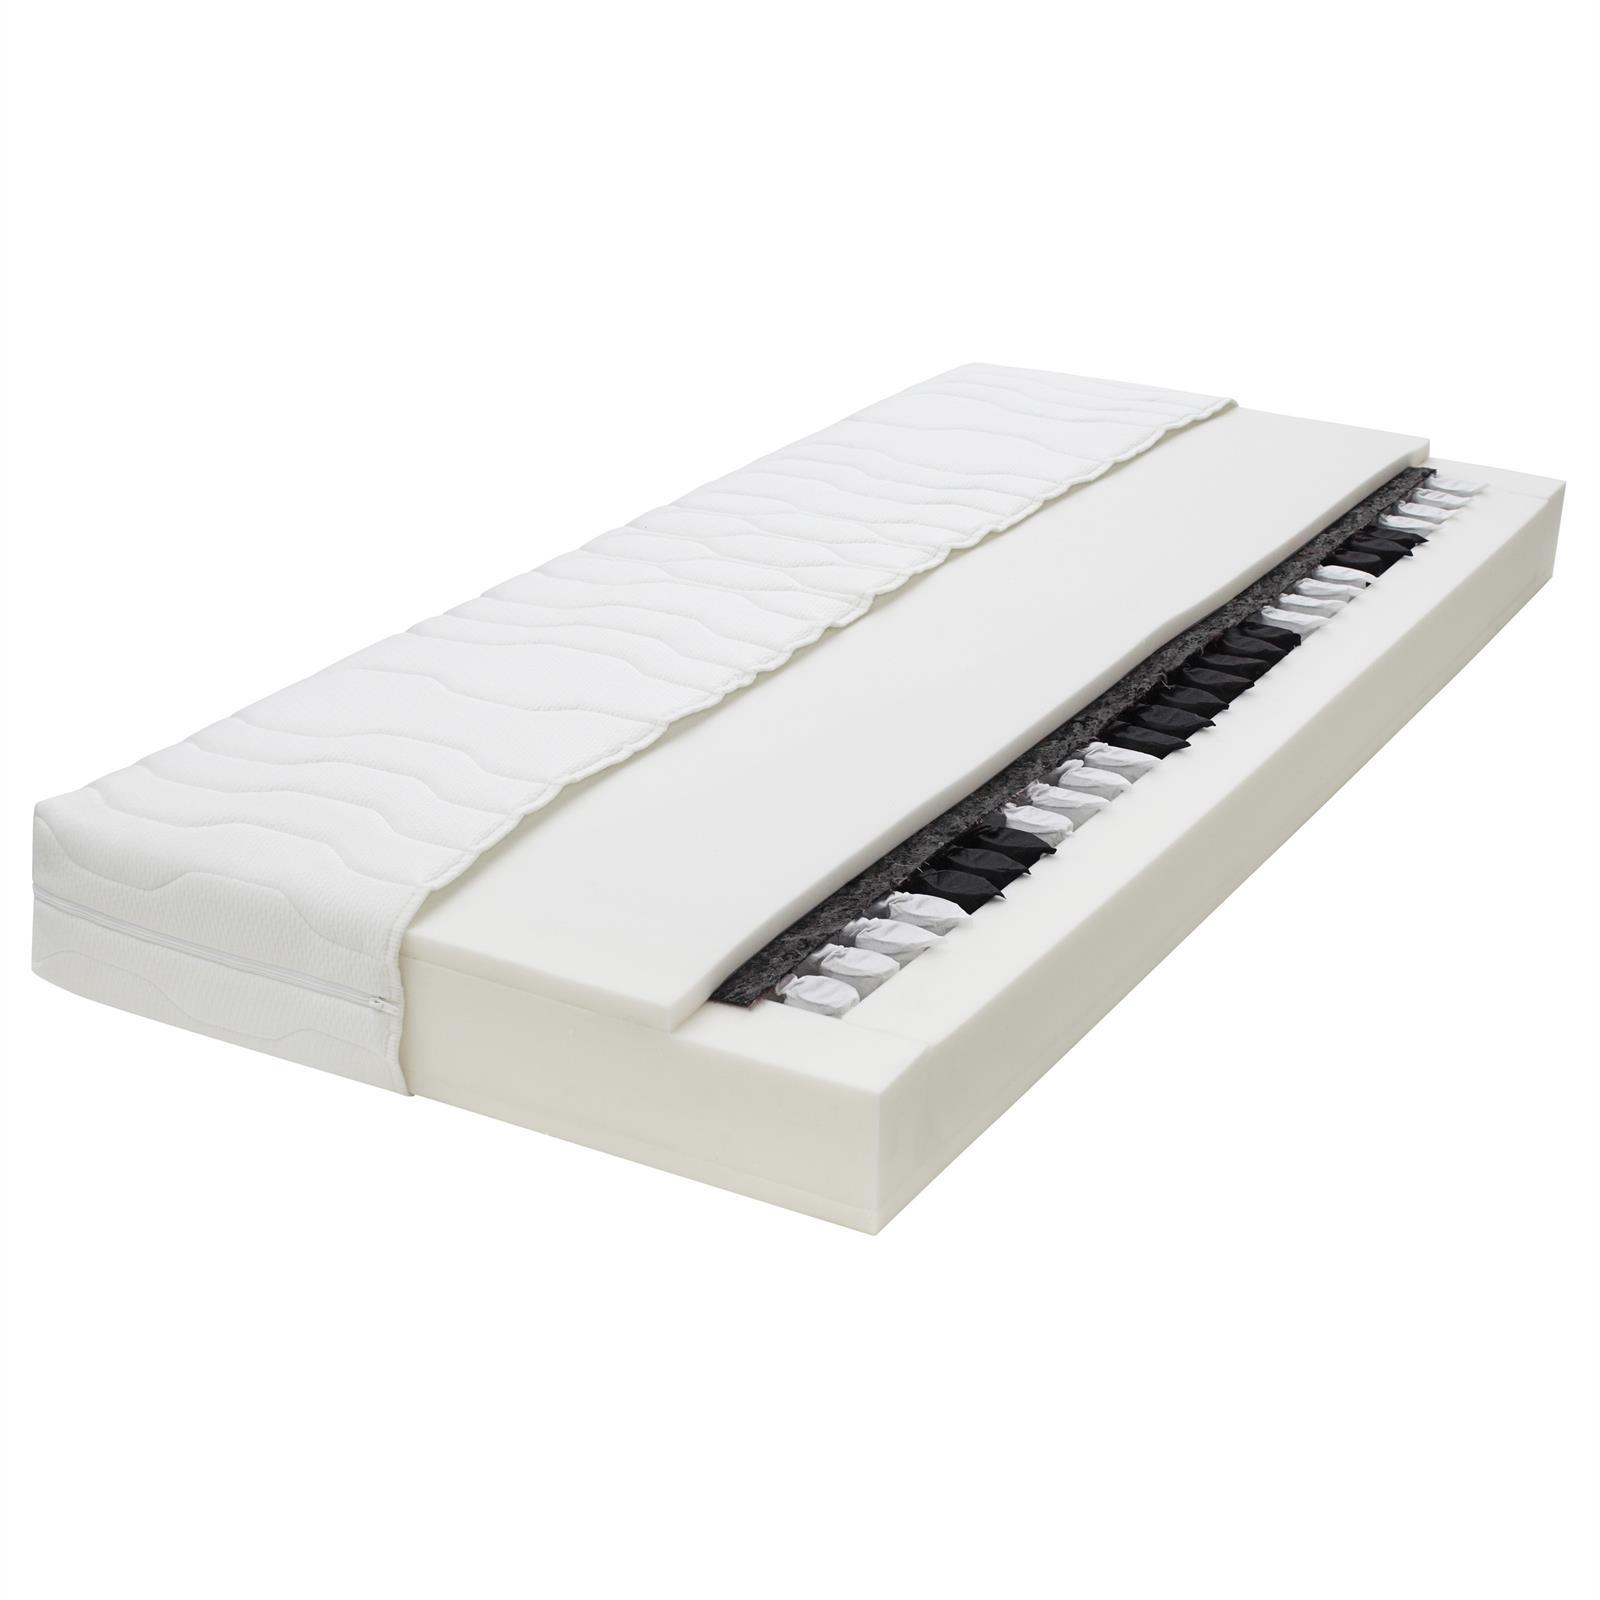 7 zonen taschenfederkern matratze 140x200 cm mobilia24. Black Bedroom Furniture Sets. Home Design Ideas